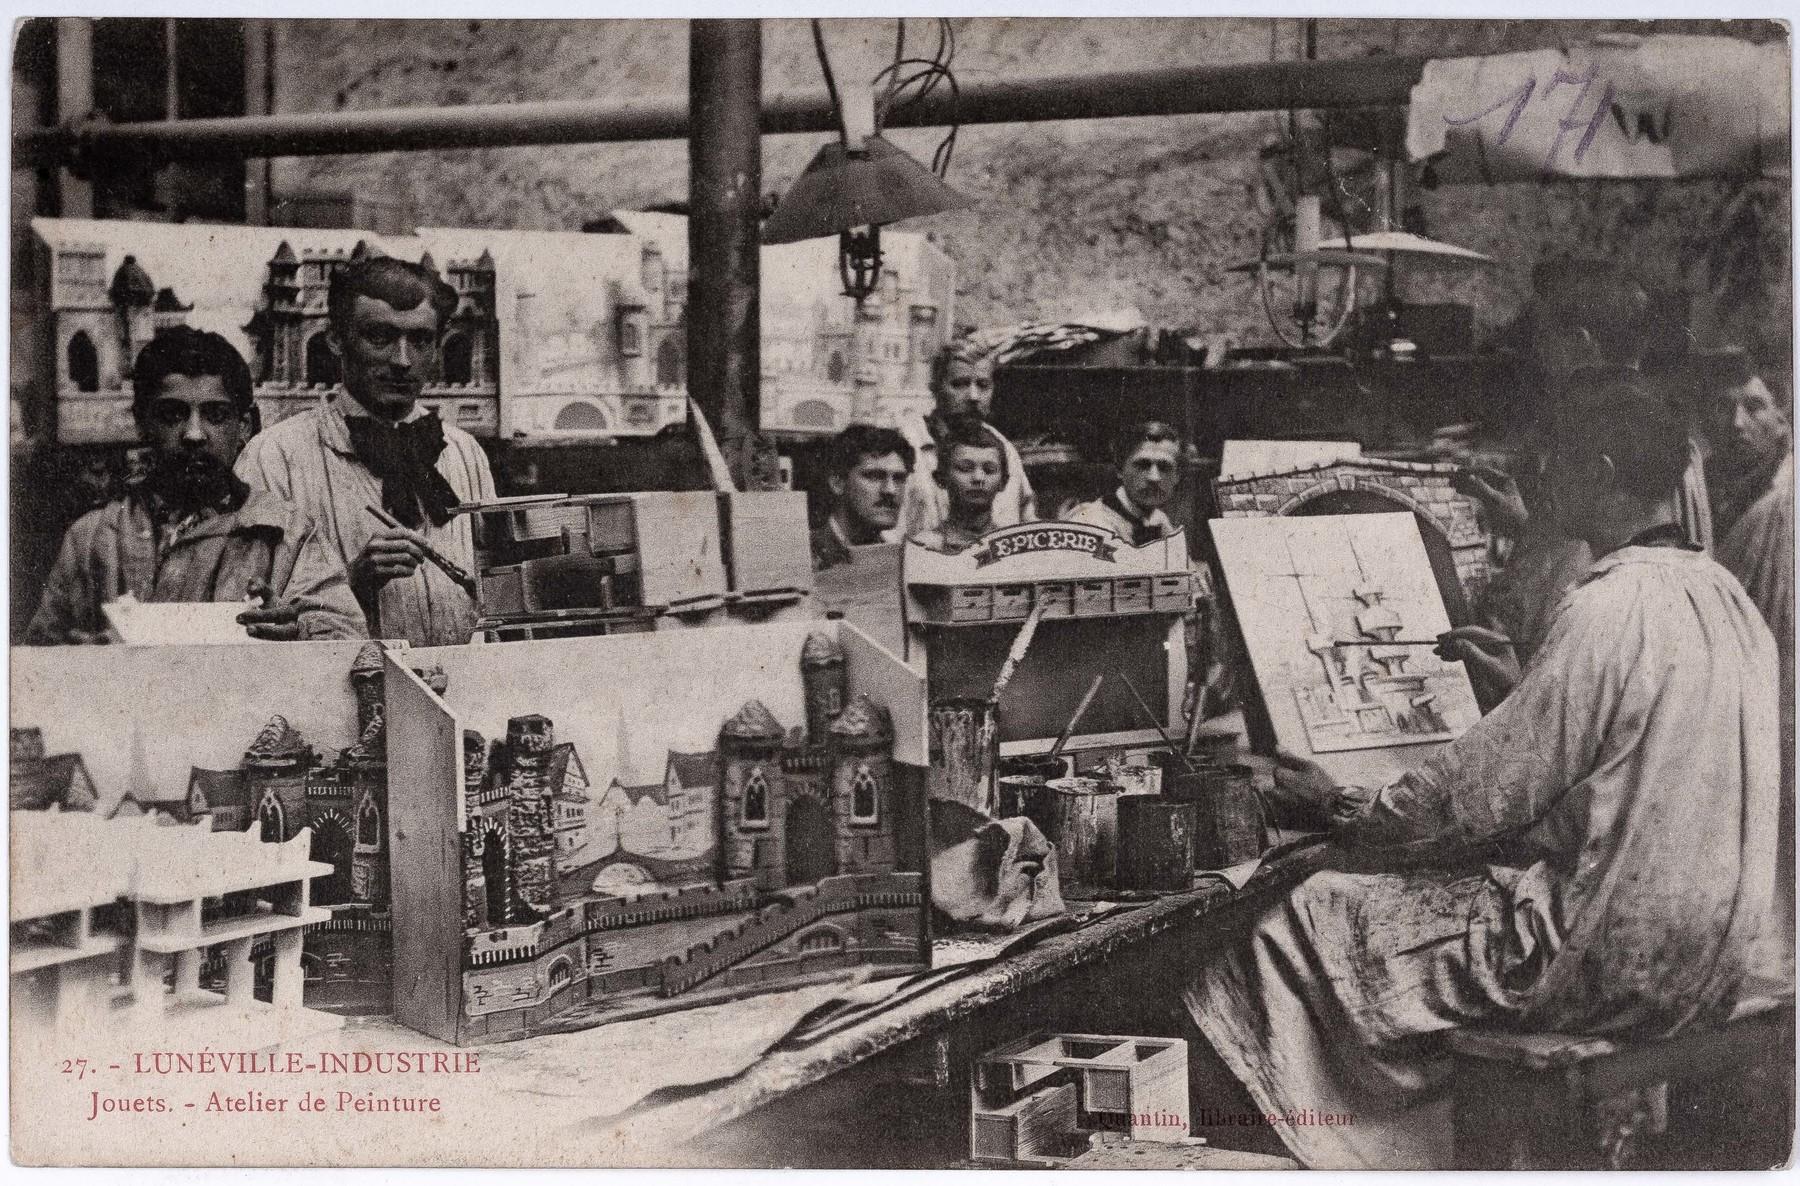 Contenu du Jouets-Atelier de peinture